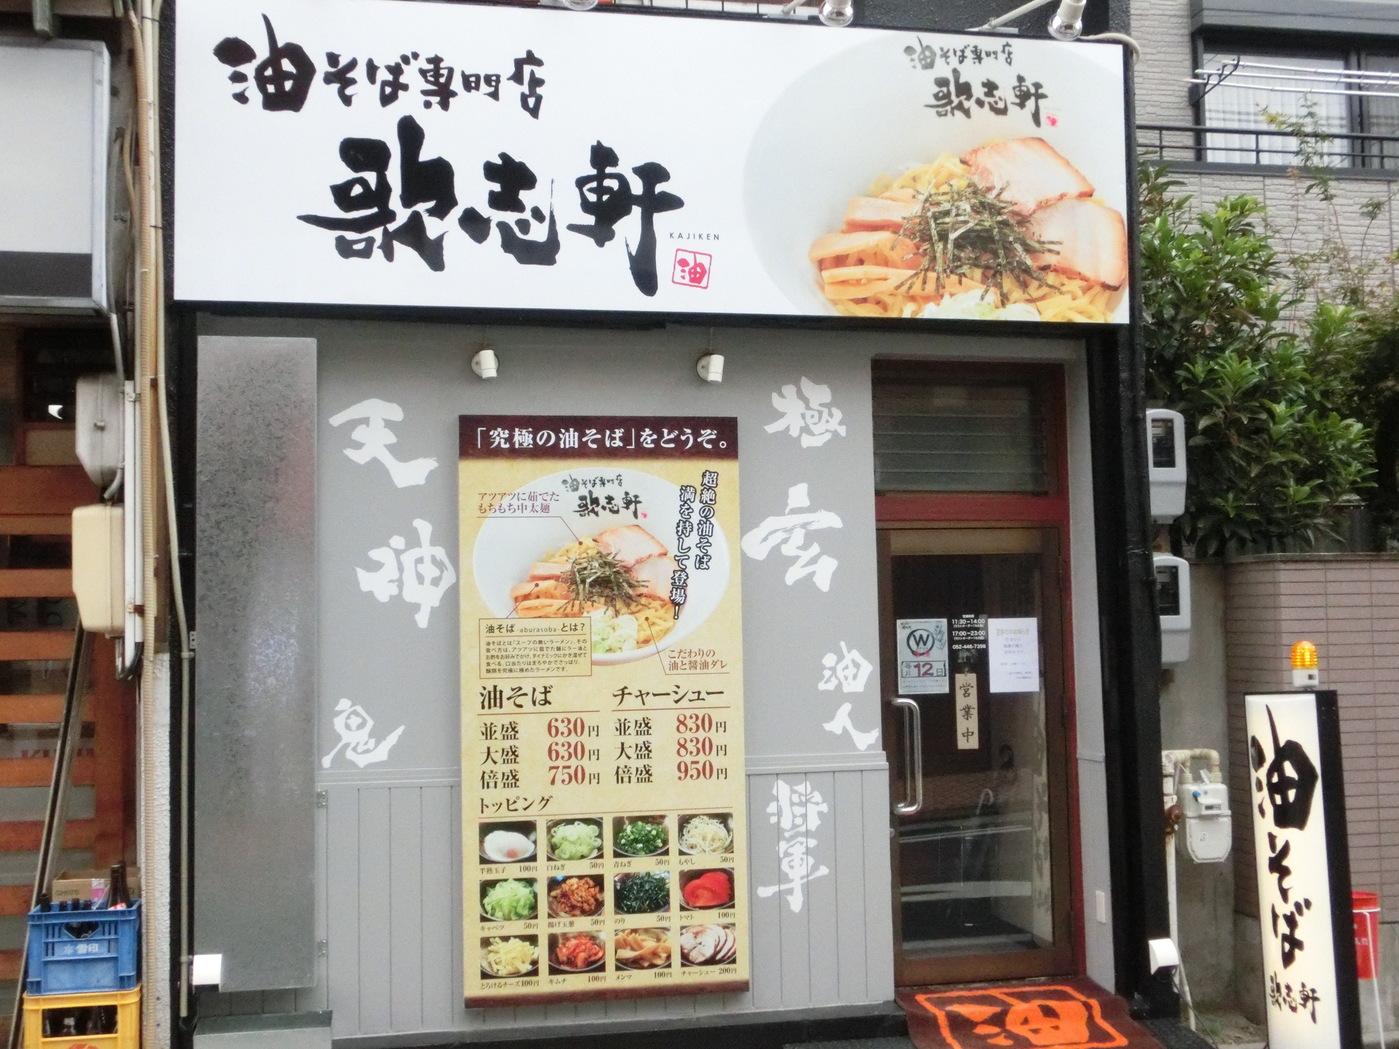 歌志軒 中村公園駅前店